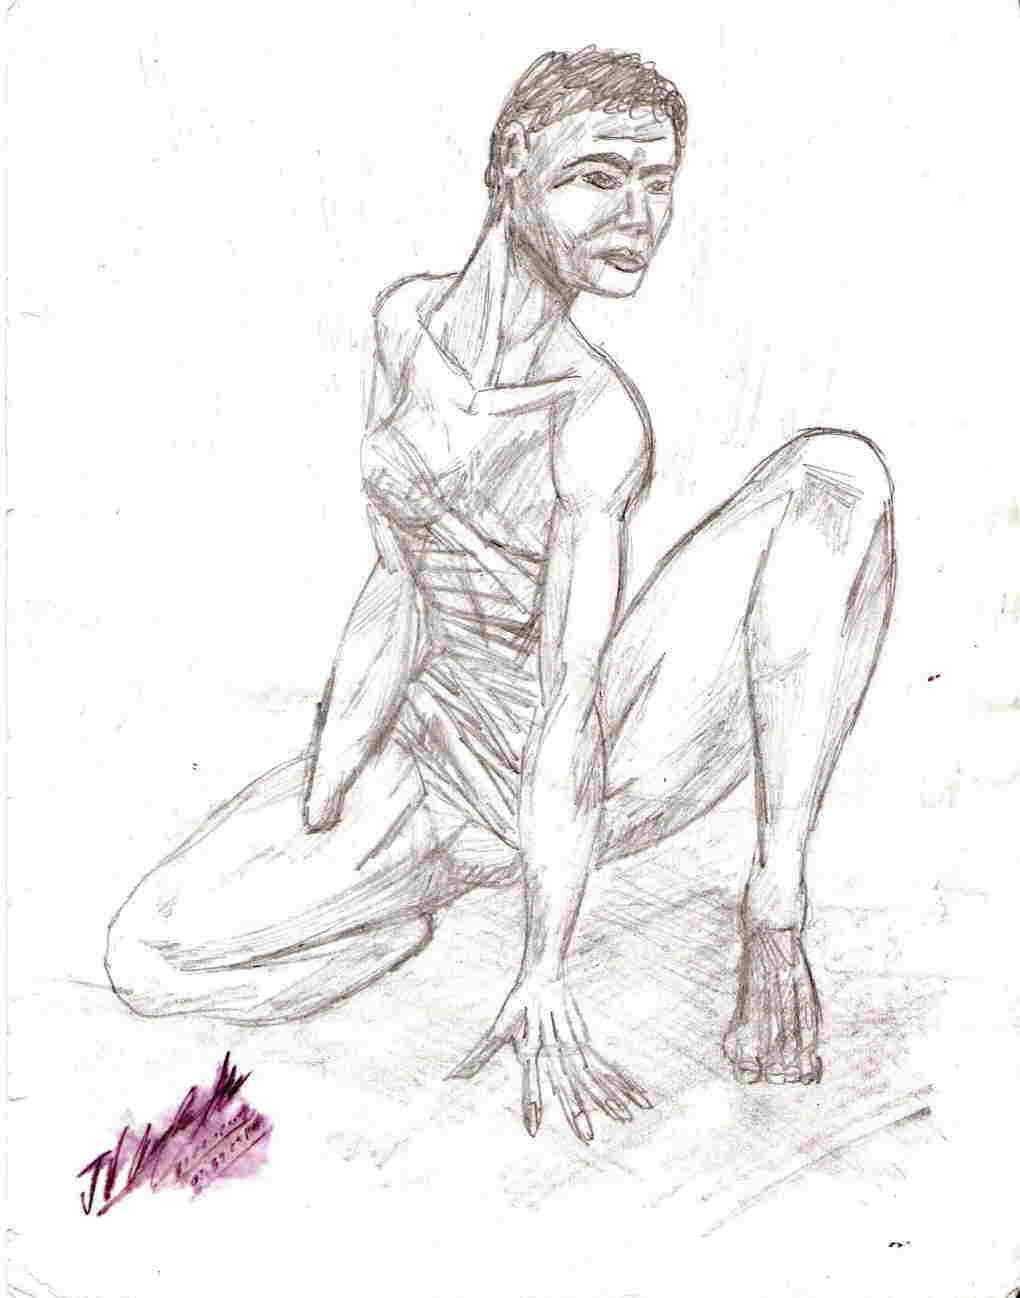 http://omoidendreams.blogspot.mx/2012/03/deseo-todas-las-mujeres.html